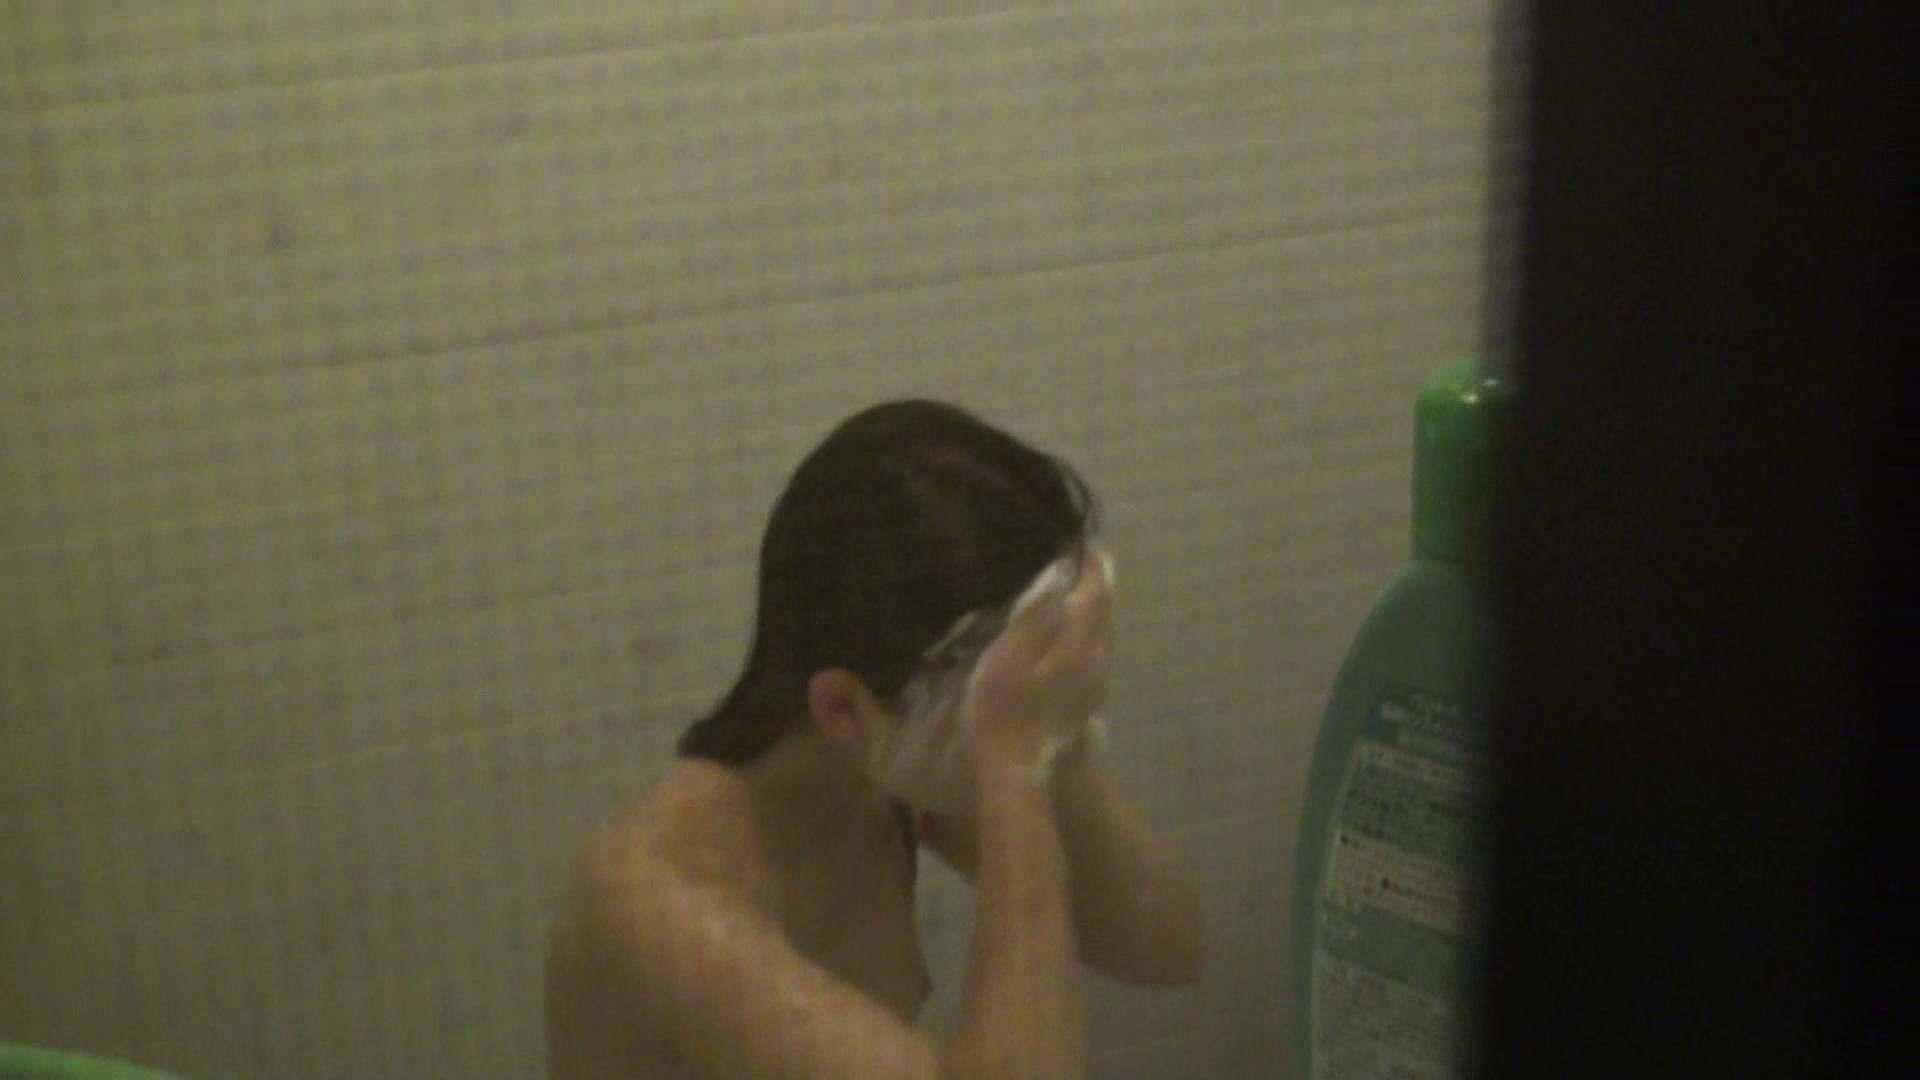 vol.06顔を洗い流す極上お女市さんの裸体をハイビジョンで!風呂上り着替え必見! 裸体  84pic 32